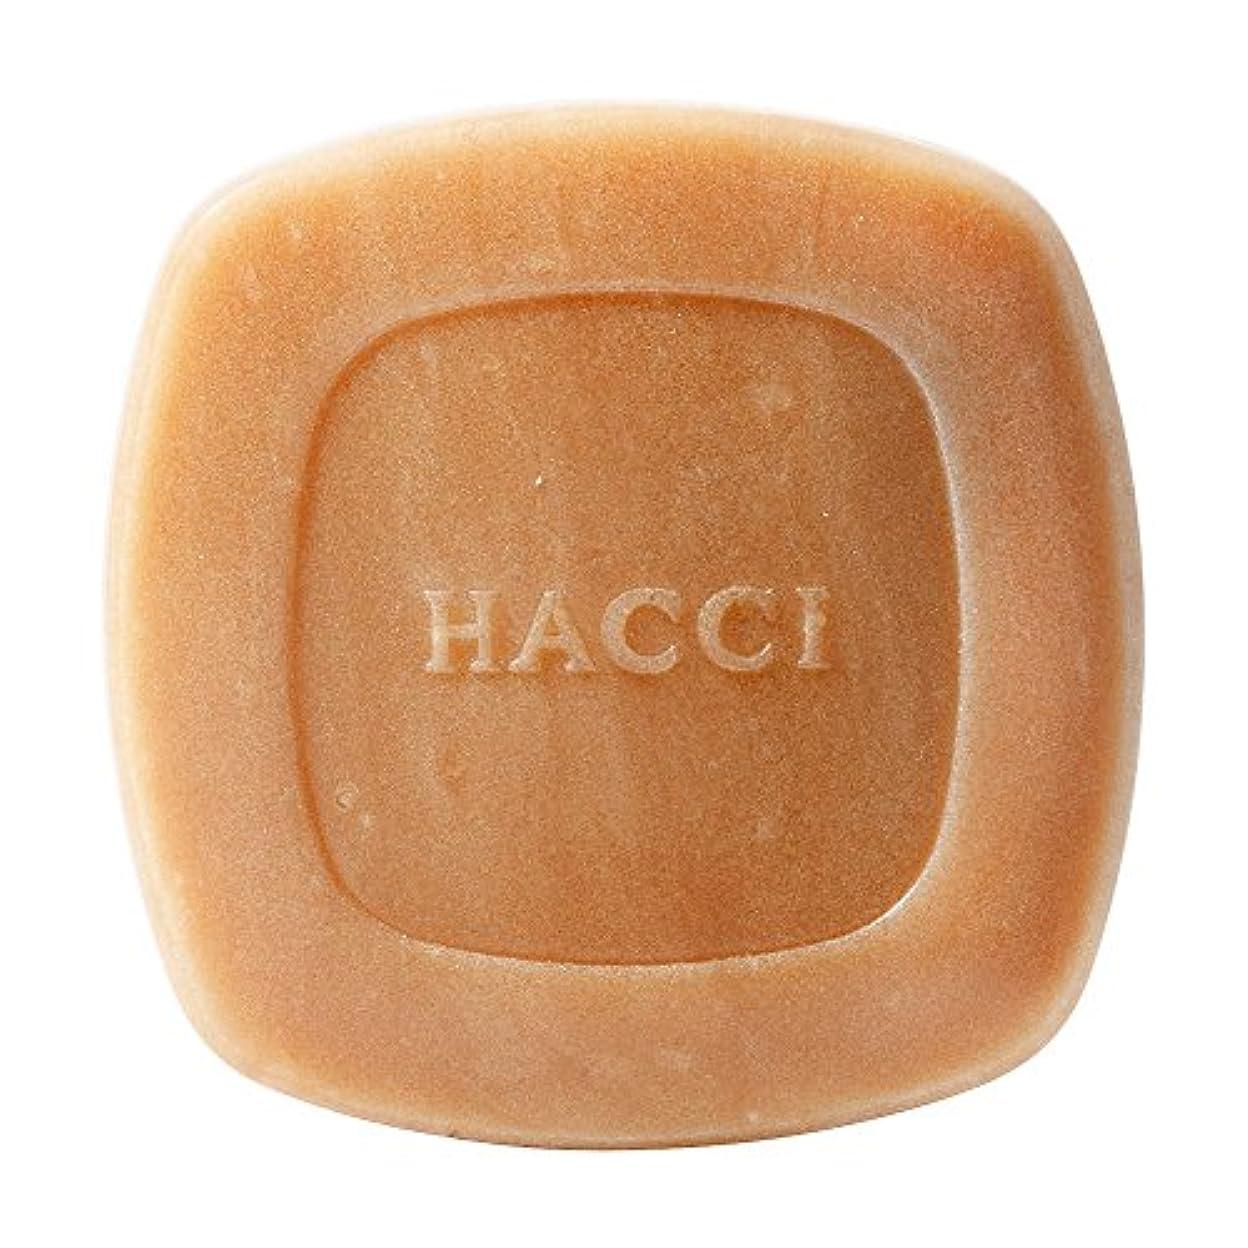 奨励します欠席環境に優しいHACCI 1912(ハッチ1912) はちみつ洗顔石けん 80g